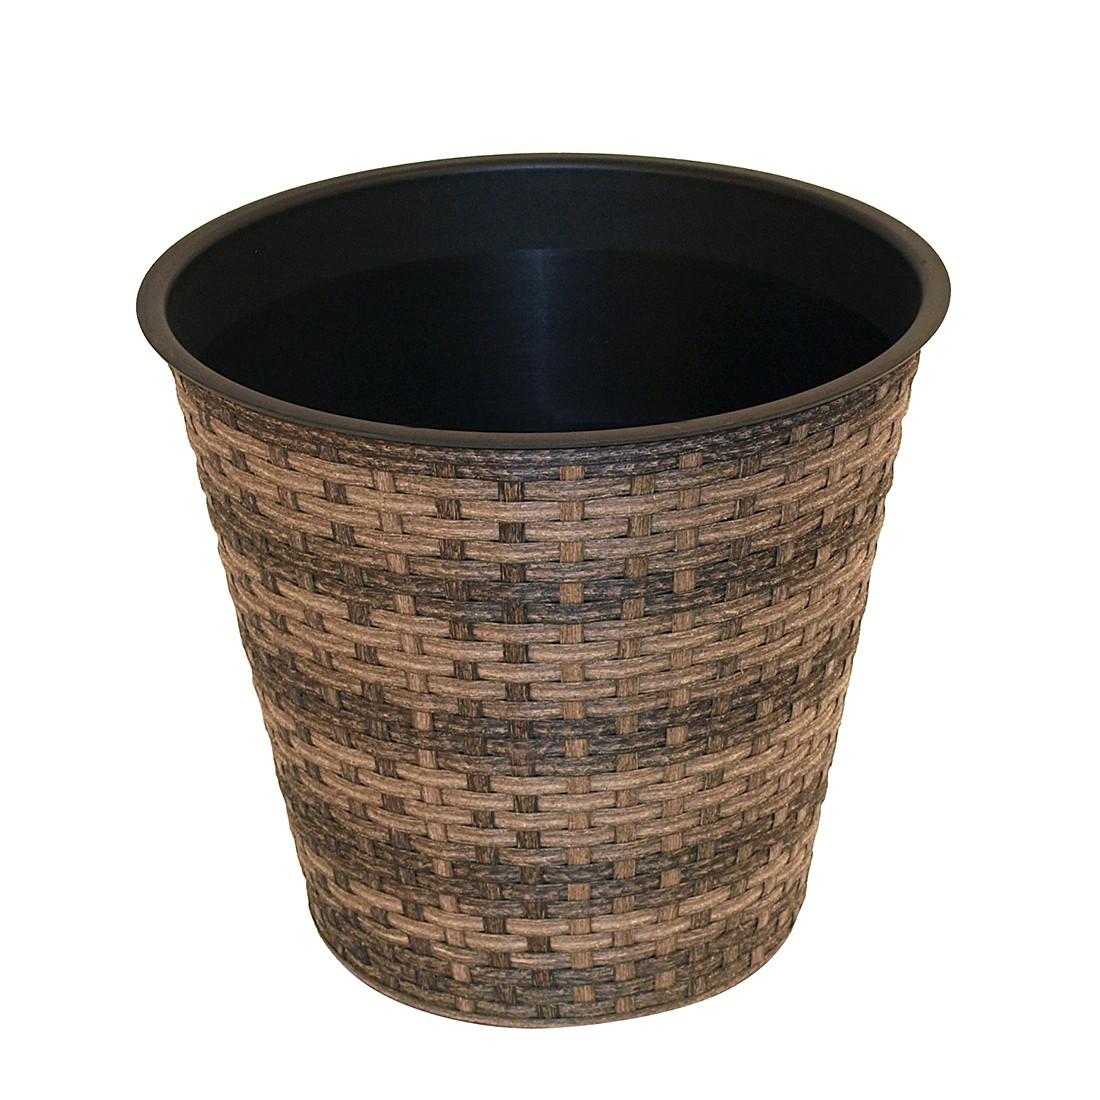 Pflanztopf rund – Braun, Ø 42 cm, Flechtwaren Müller günstig kaufen